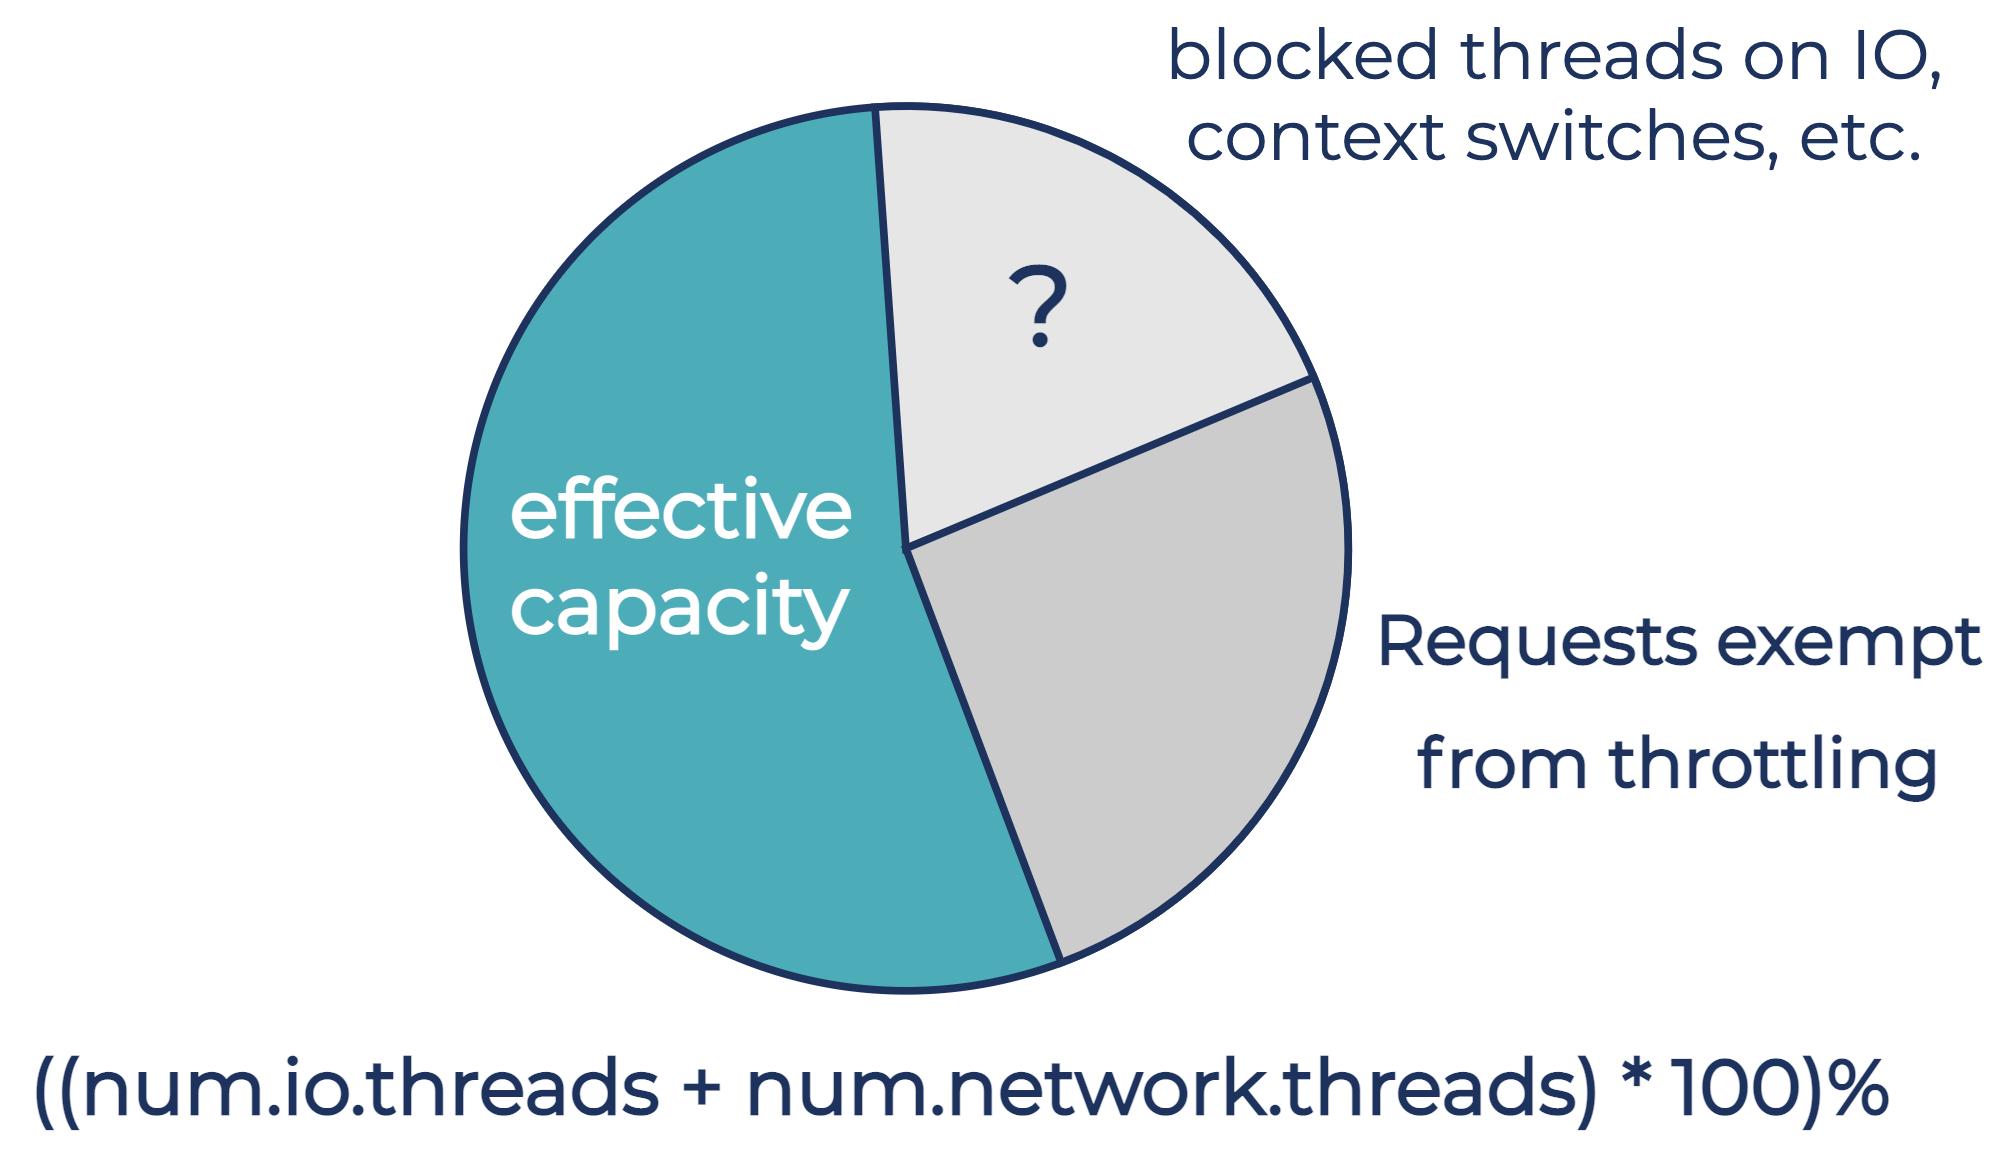 Effective capacity